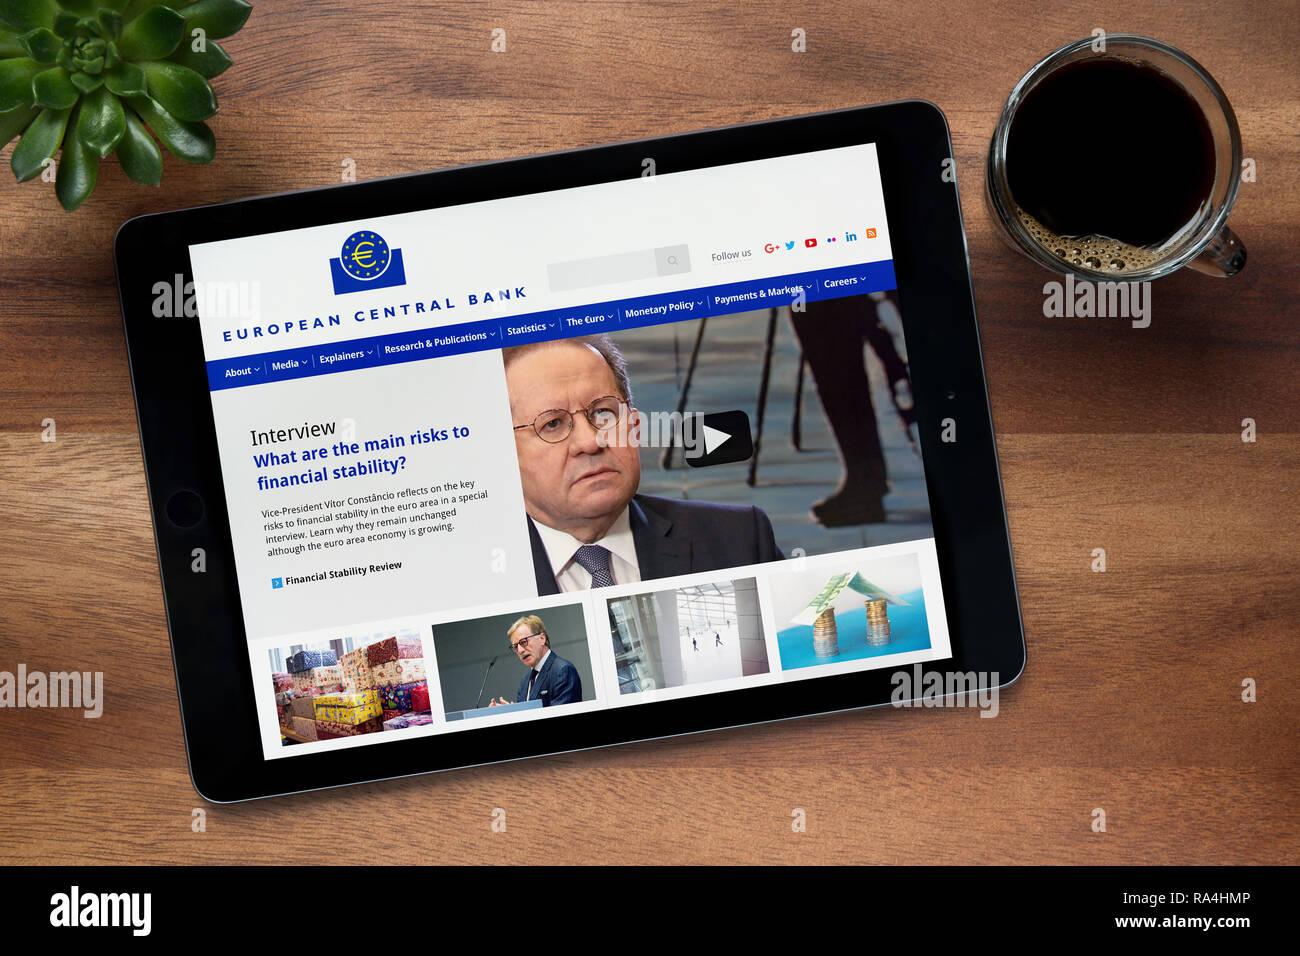 El sitio web del Banco Central Europeo se ha visto en un iPad, en una mesa de madera junto con un café espresso y una planta de casa (uso Editorial solamente) Foto de stock